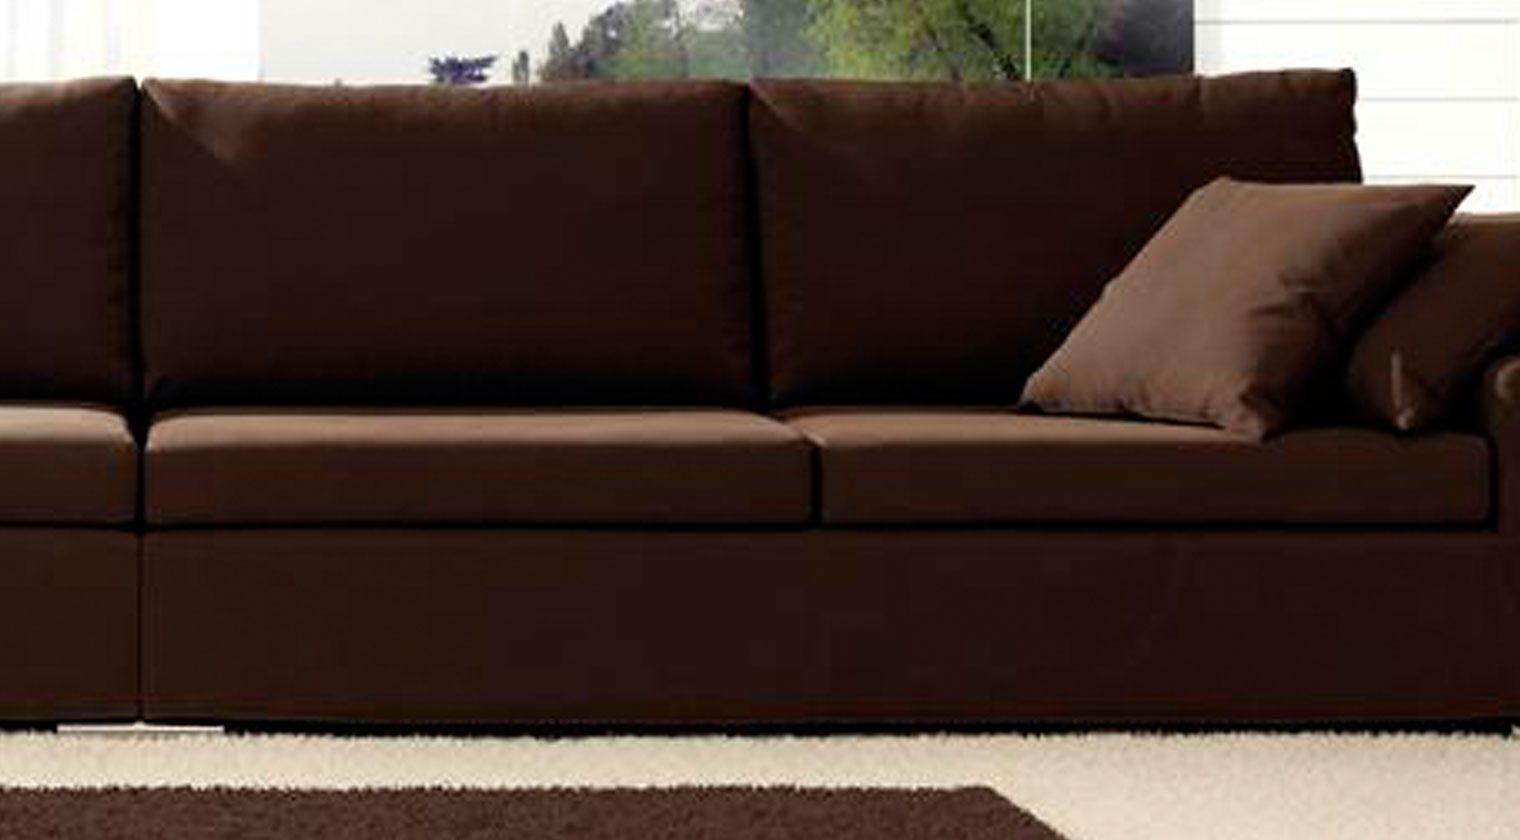 Comprar sof 4 plazas duplo composici n m dulo de 180 cm for Sofas baratos asturias